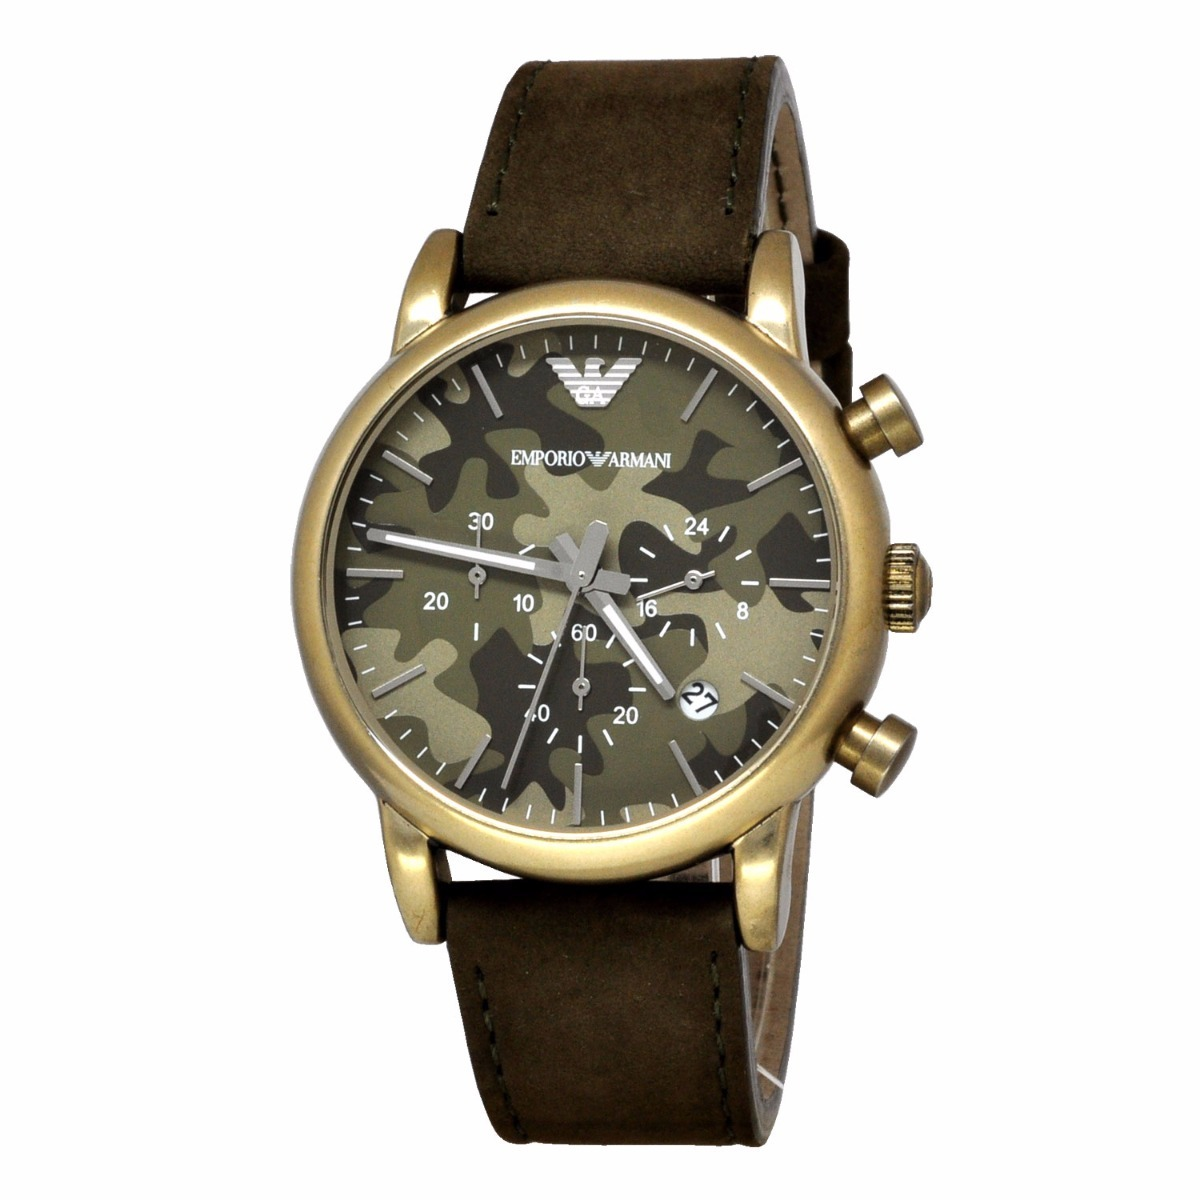 297fd4abfb7 relógio emporio armani ar1818 verde marrom s  caixa. Carregando zoom.